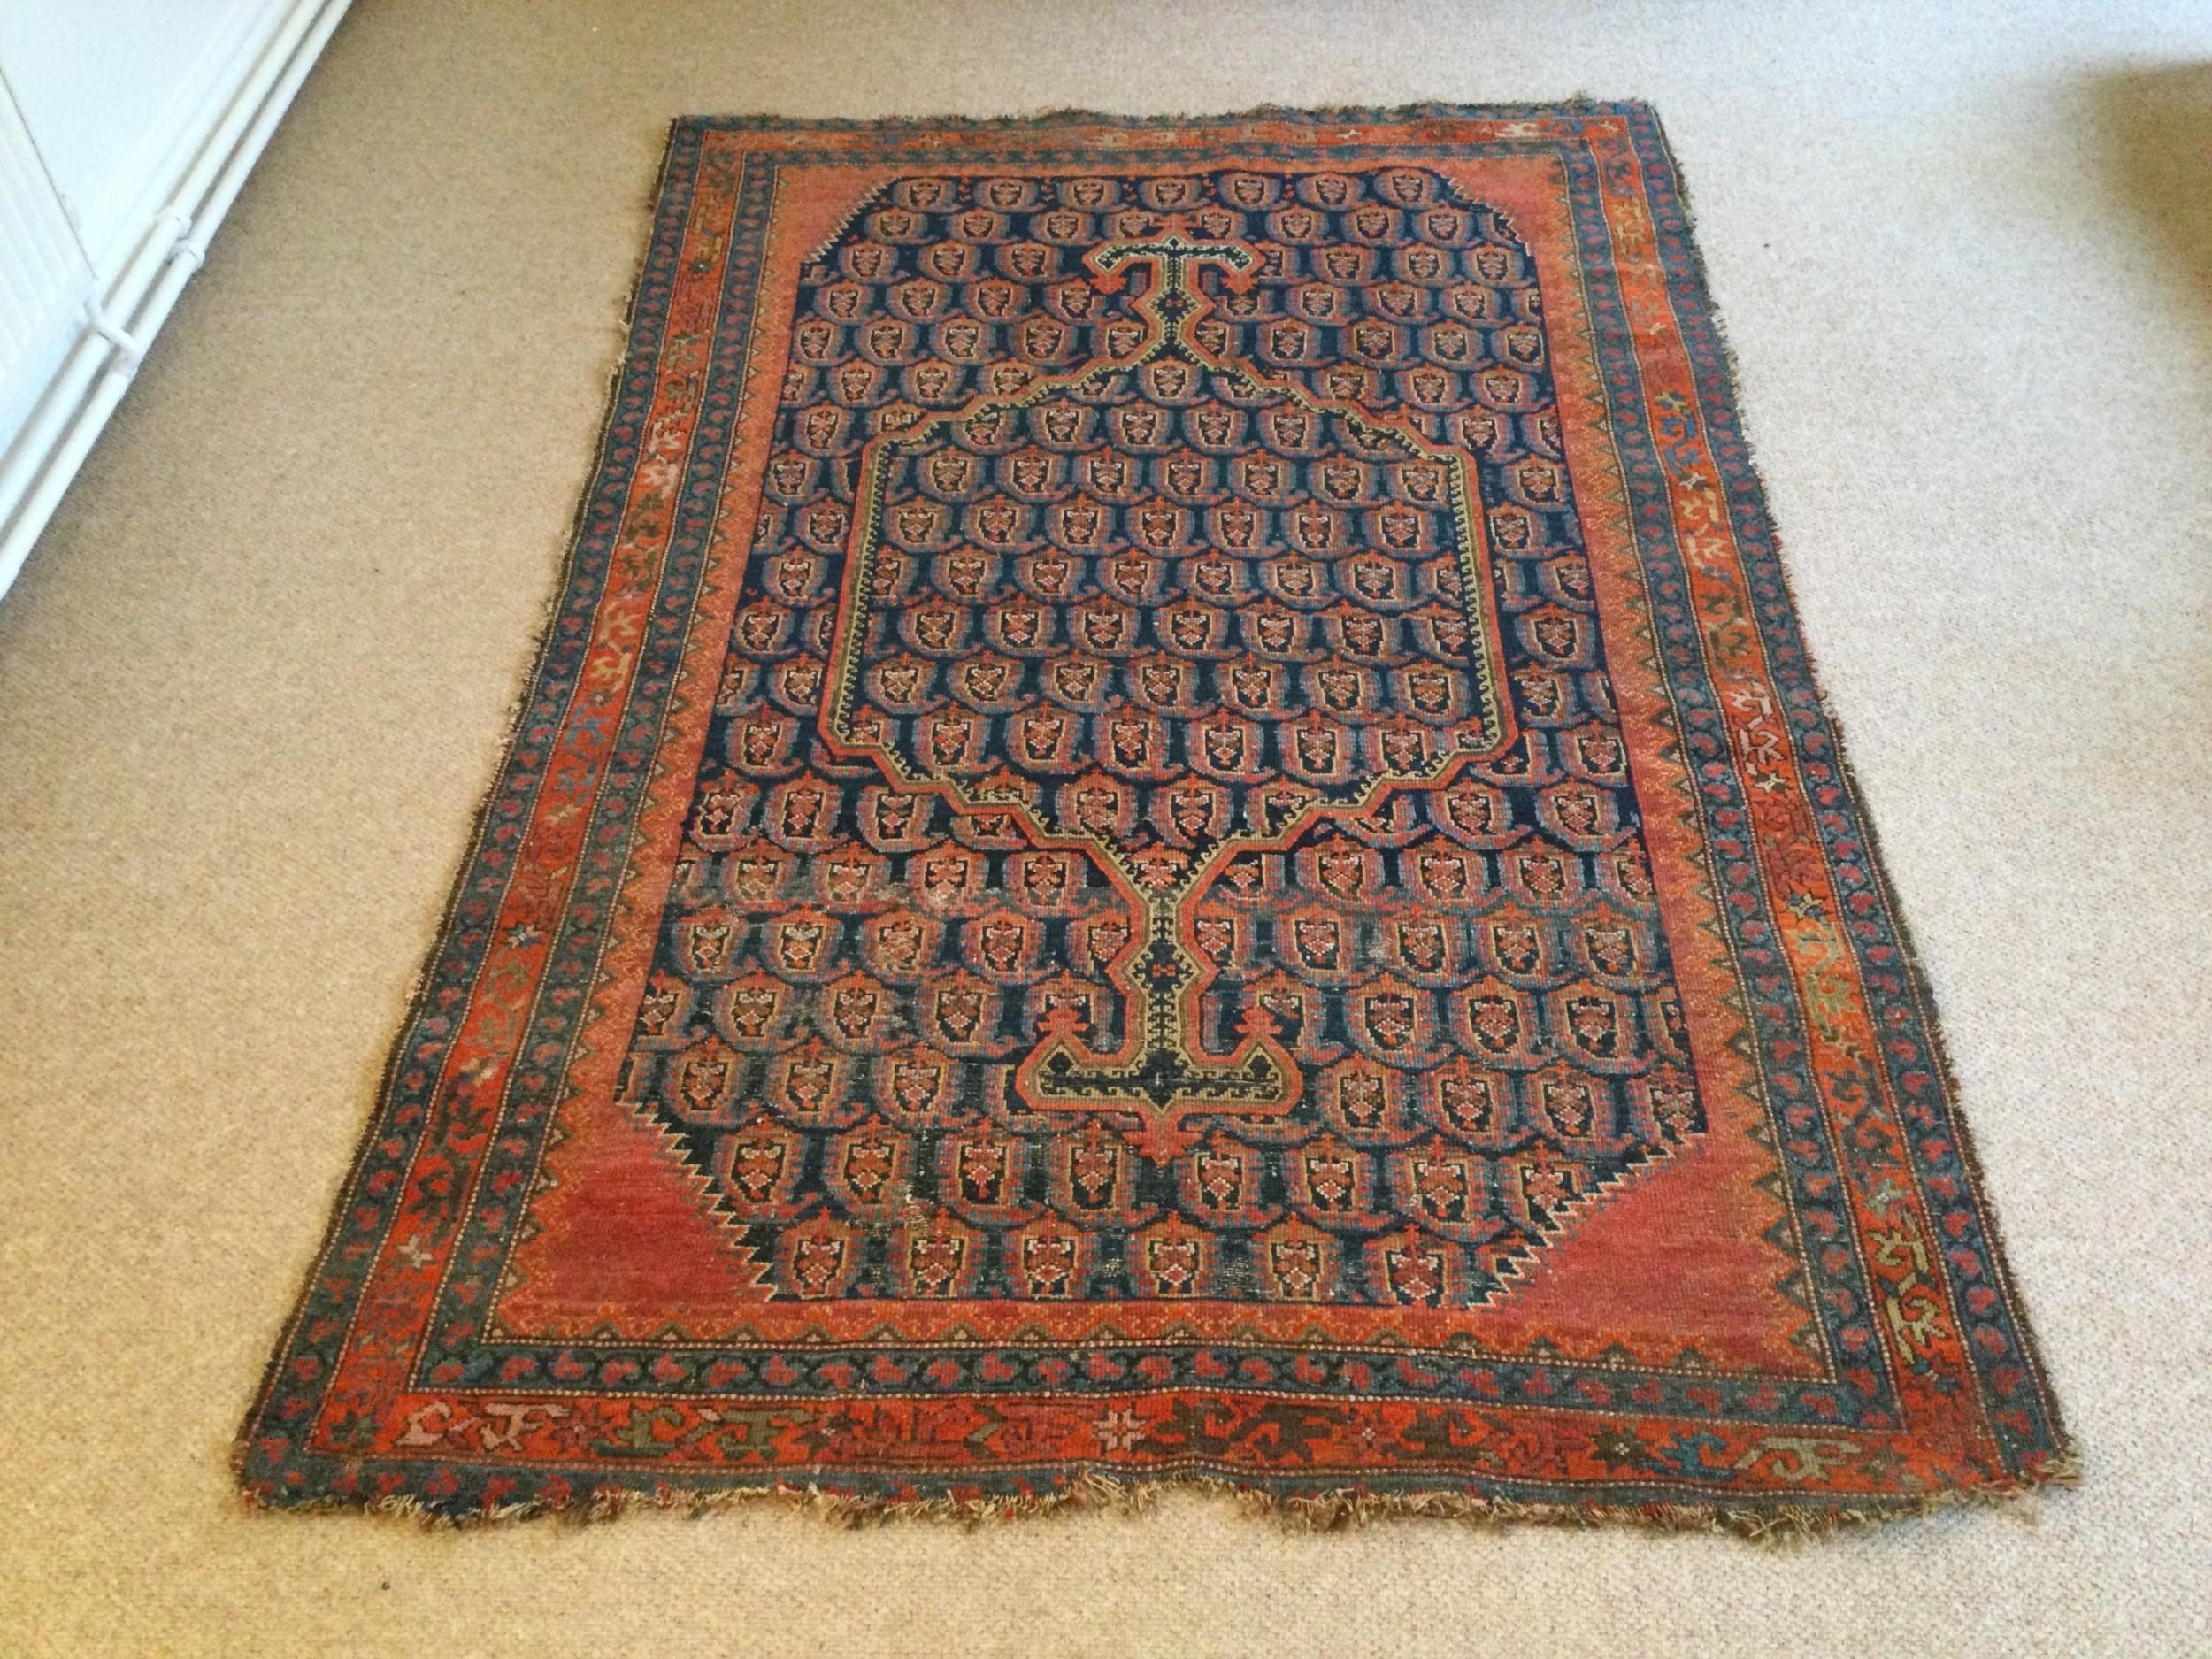 an antique caucasian prayer rug